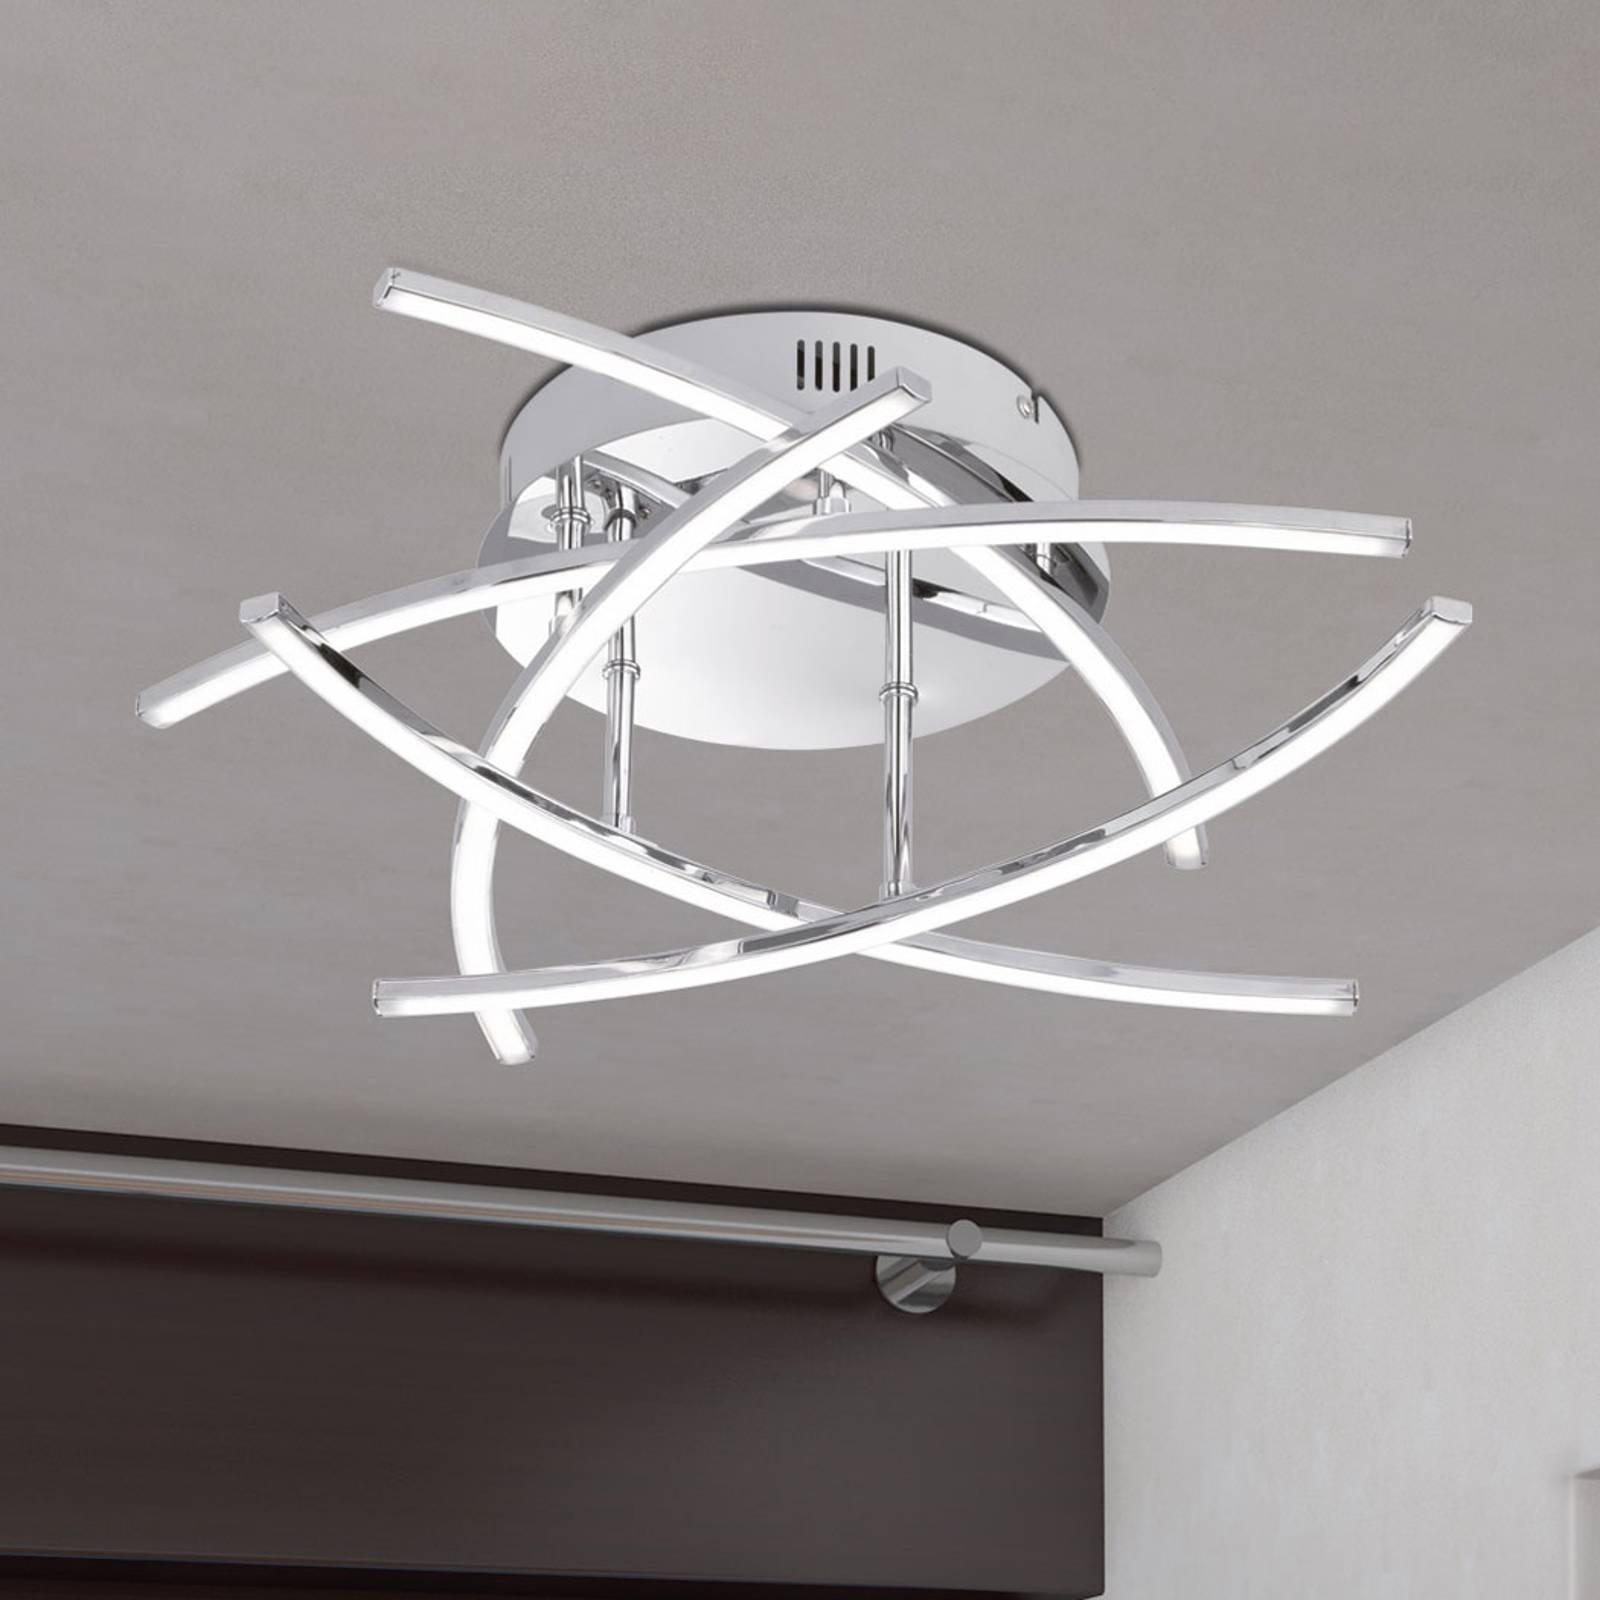 LED-taklampe Cross 5 lyskilder, krom